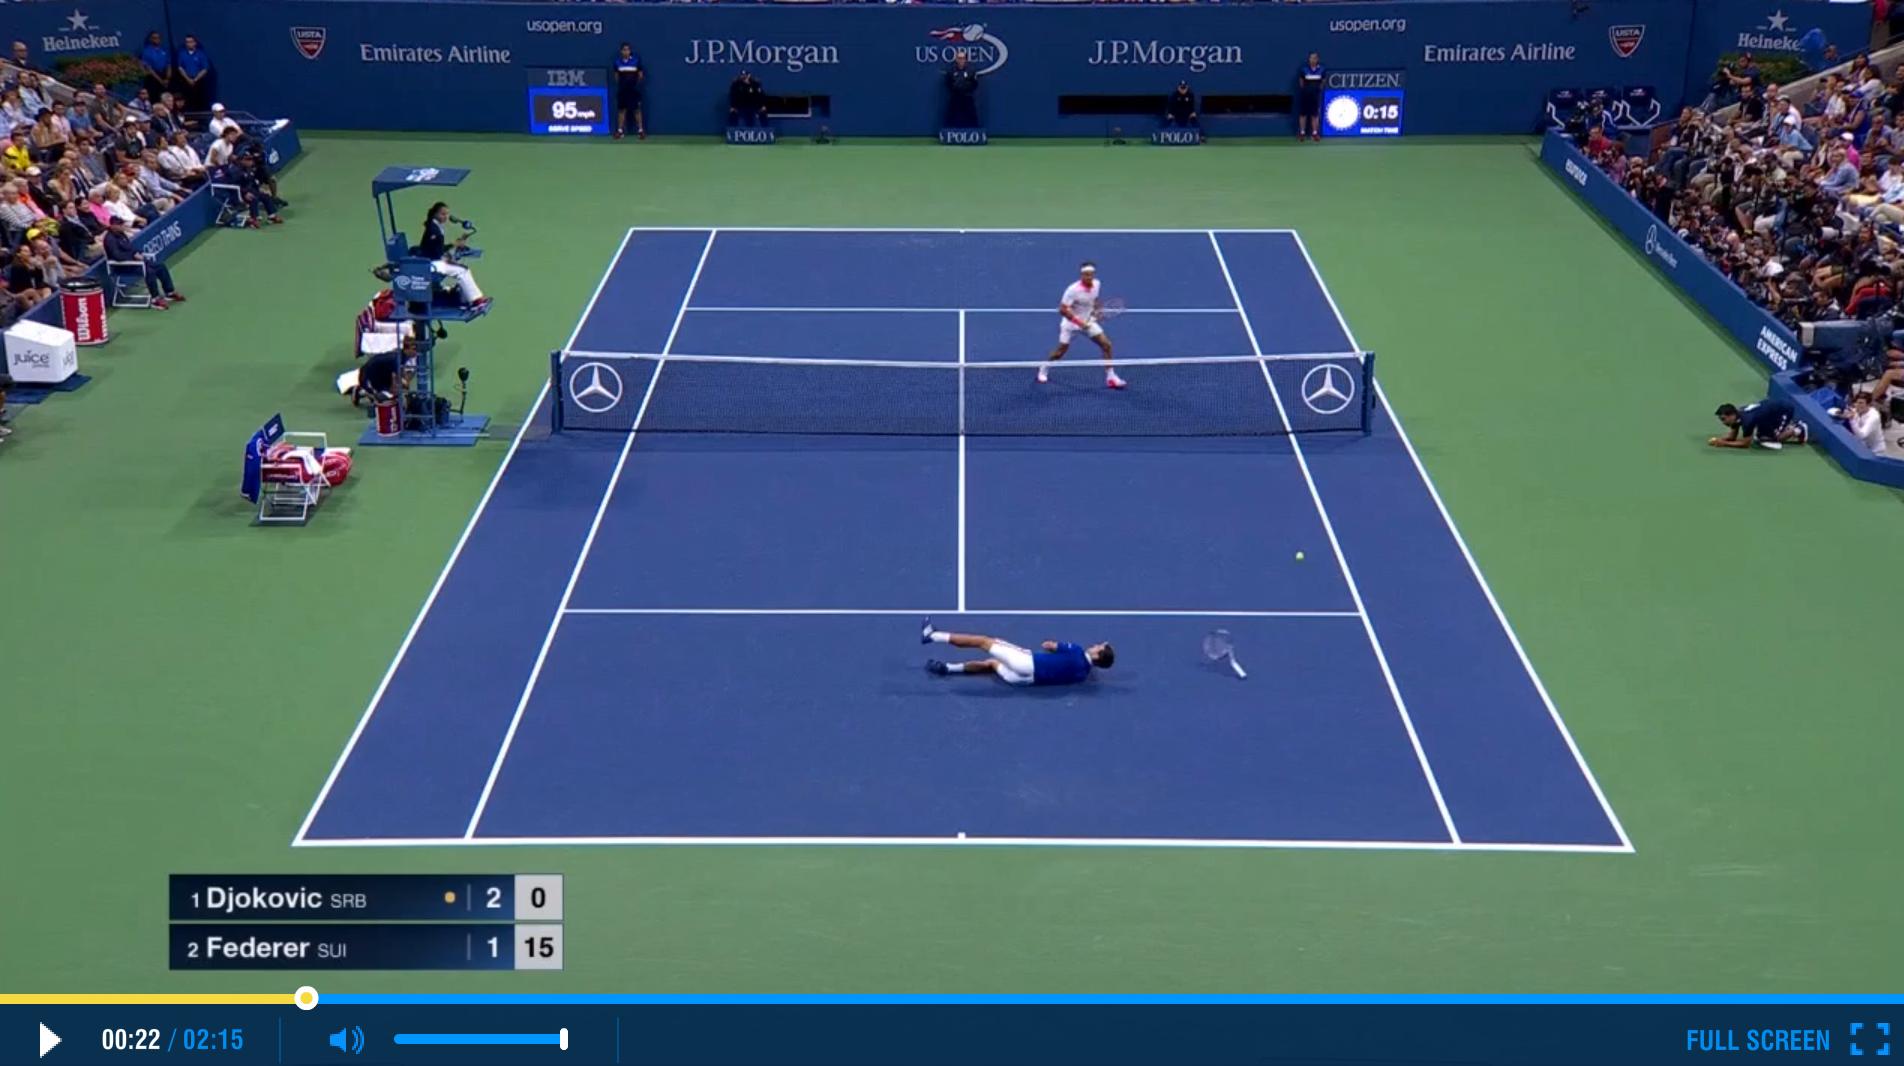 Federer 2015 US Open Final Highlights